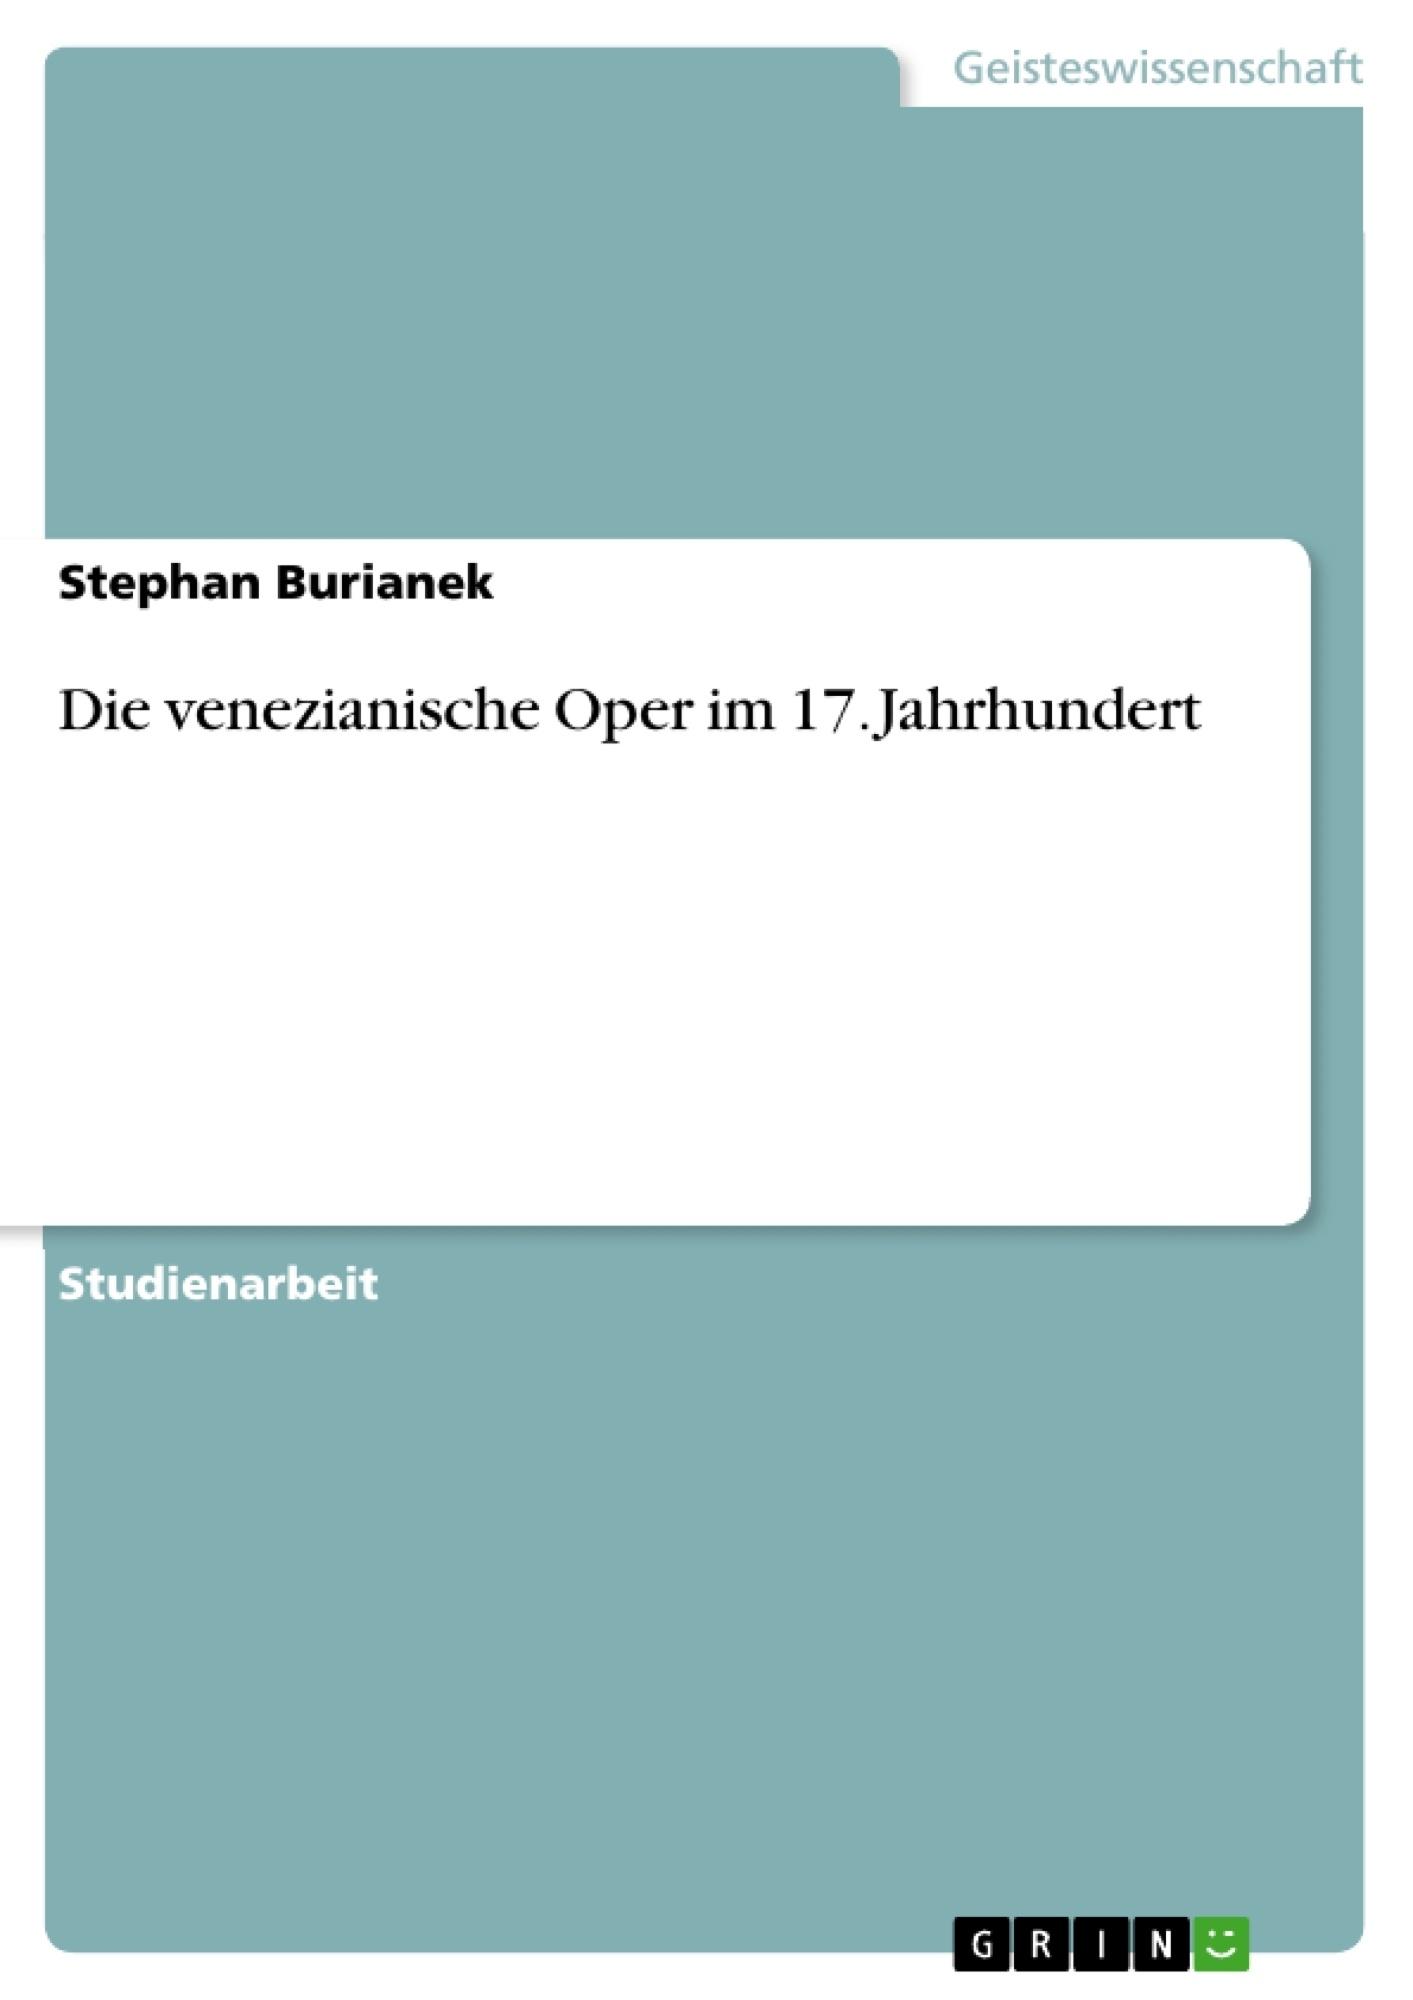 Titel: Die venezianische Oper im 17. Jahrhundert